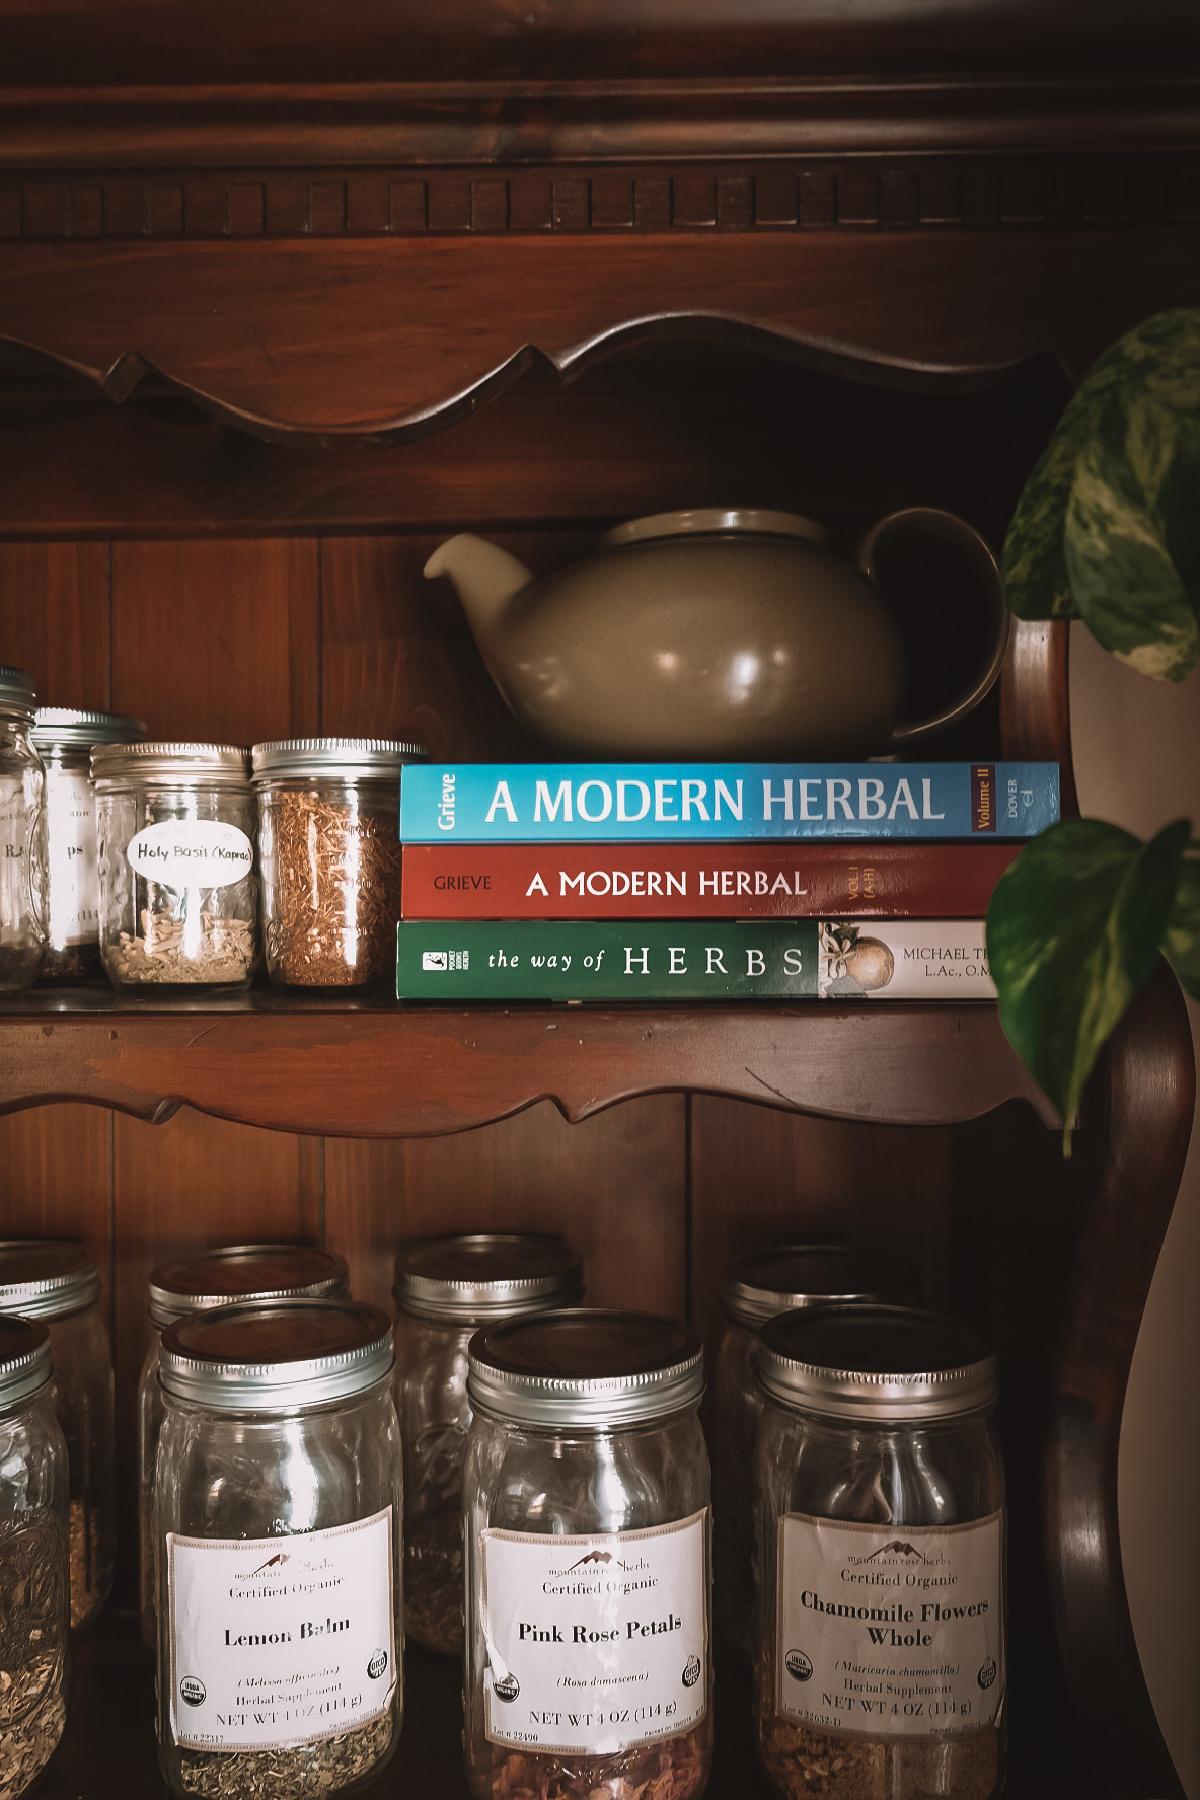 herb supplies on a shelf